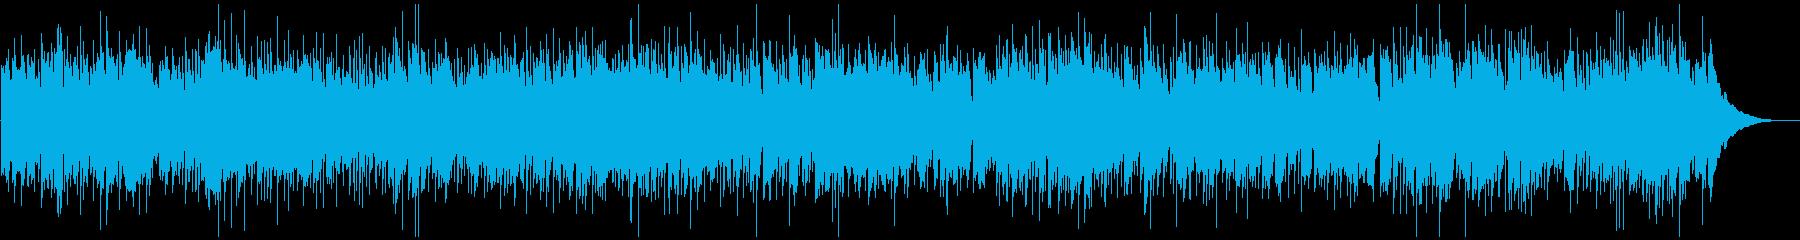 ゆったりマンドリンでアメリカンフォークの再生済みの波形